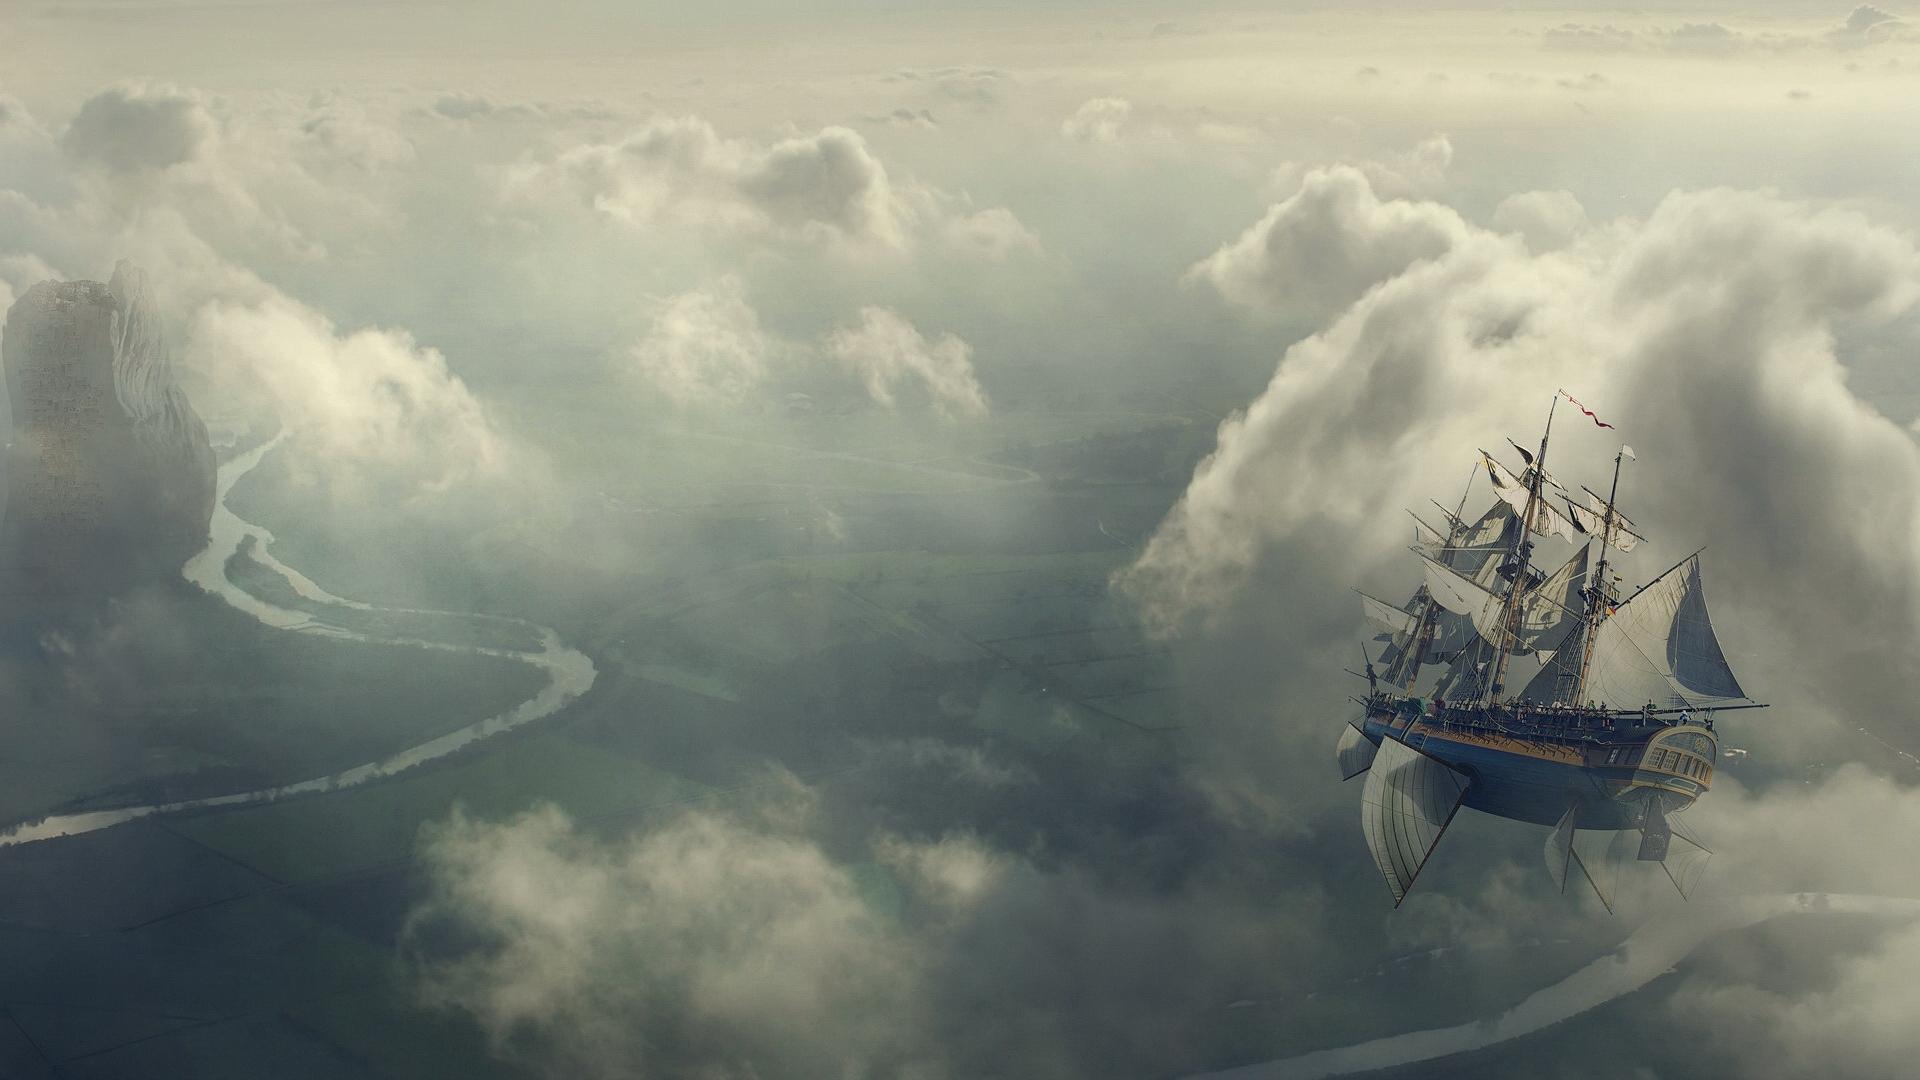 этой картинки фэнтези небо и корабль сытости добавляю вареную